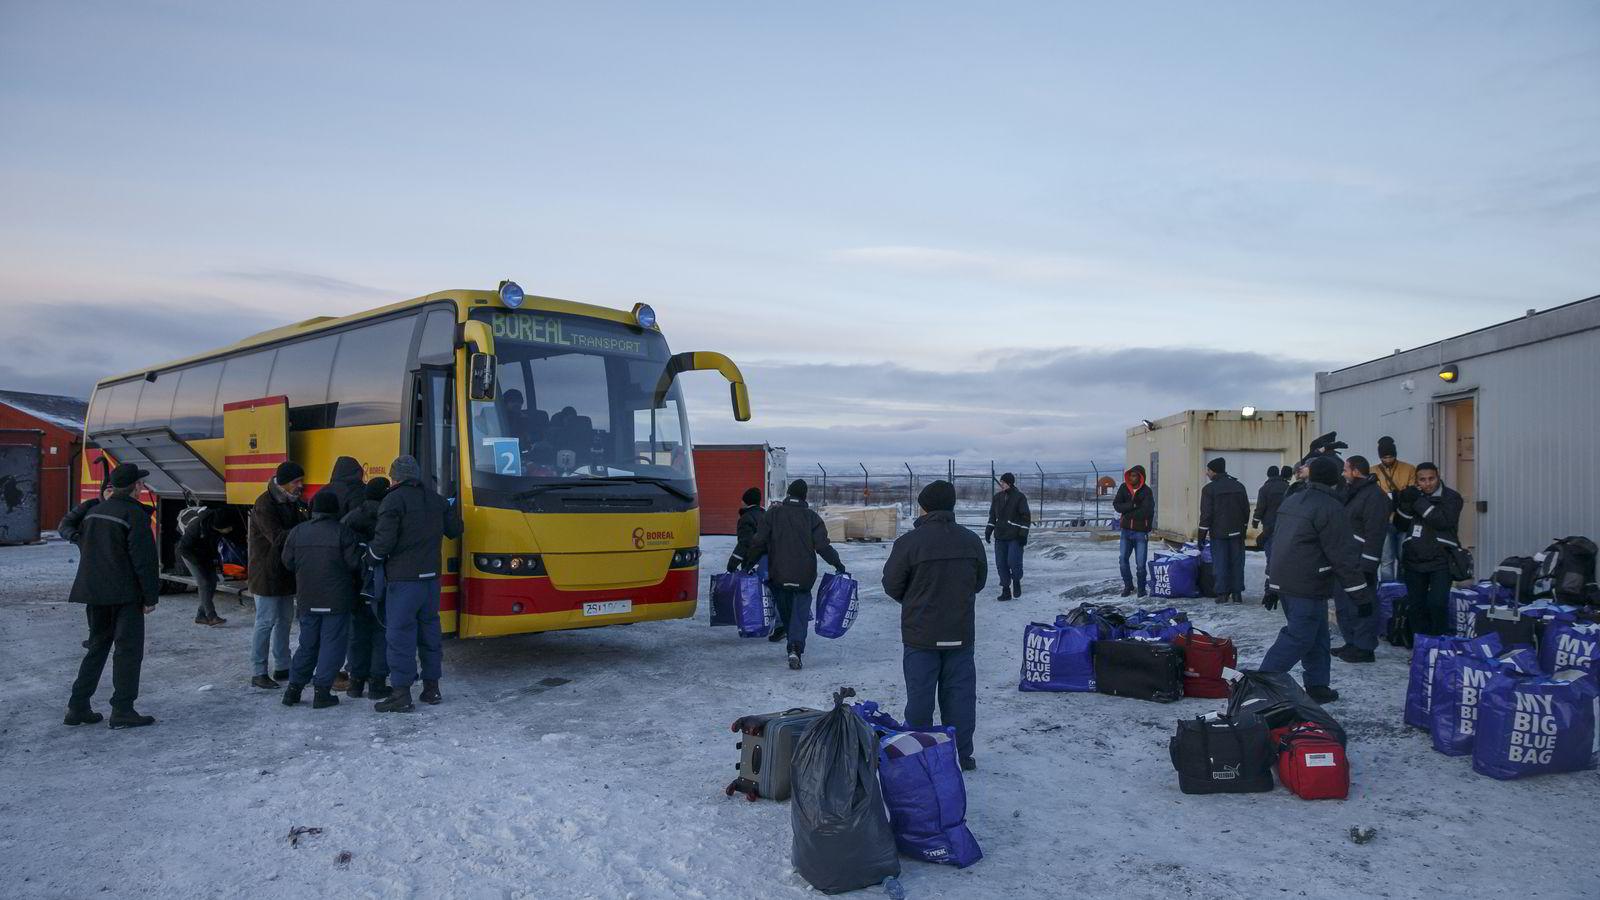 Asylsøkere i ankomstsenteret for flyktninger i Kirkenes. Hit sendes flyktninger, som passerer den norsk-russiske grensen på Storskog, før de sendes videre til mottak andre steder i landet. Foto: Cornelius Poppe /